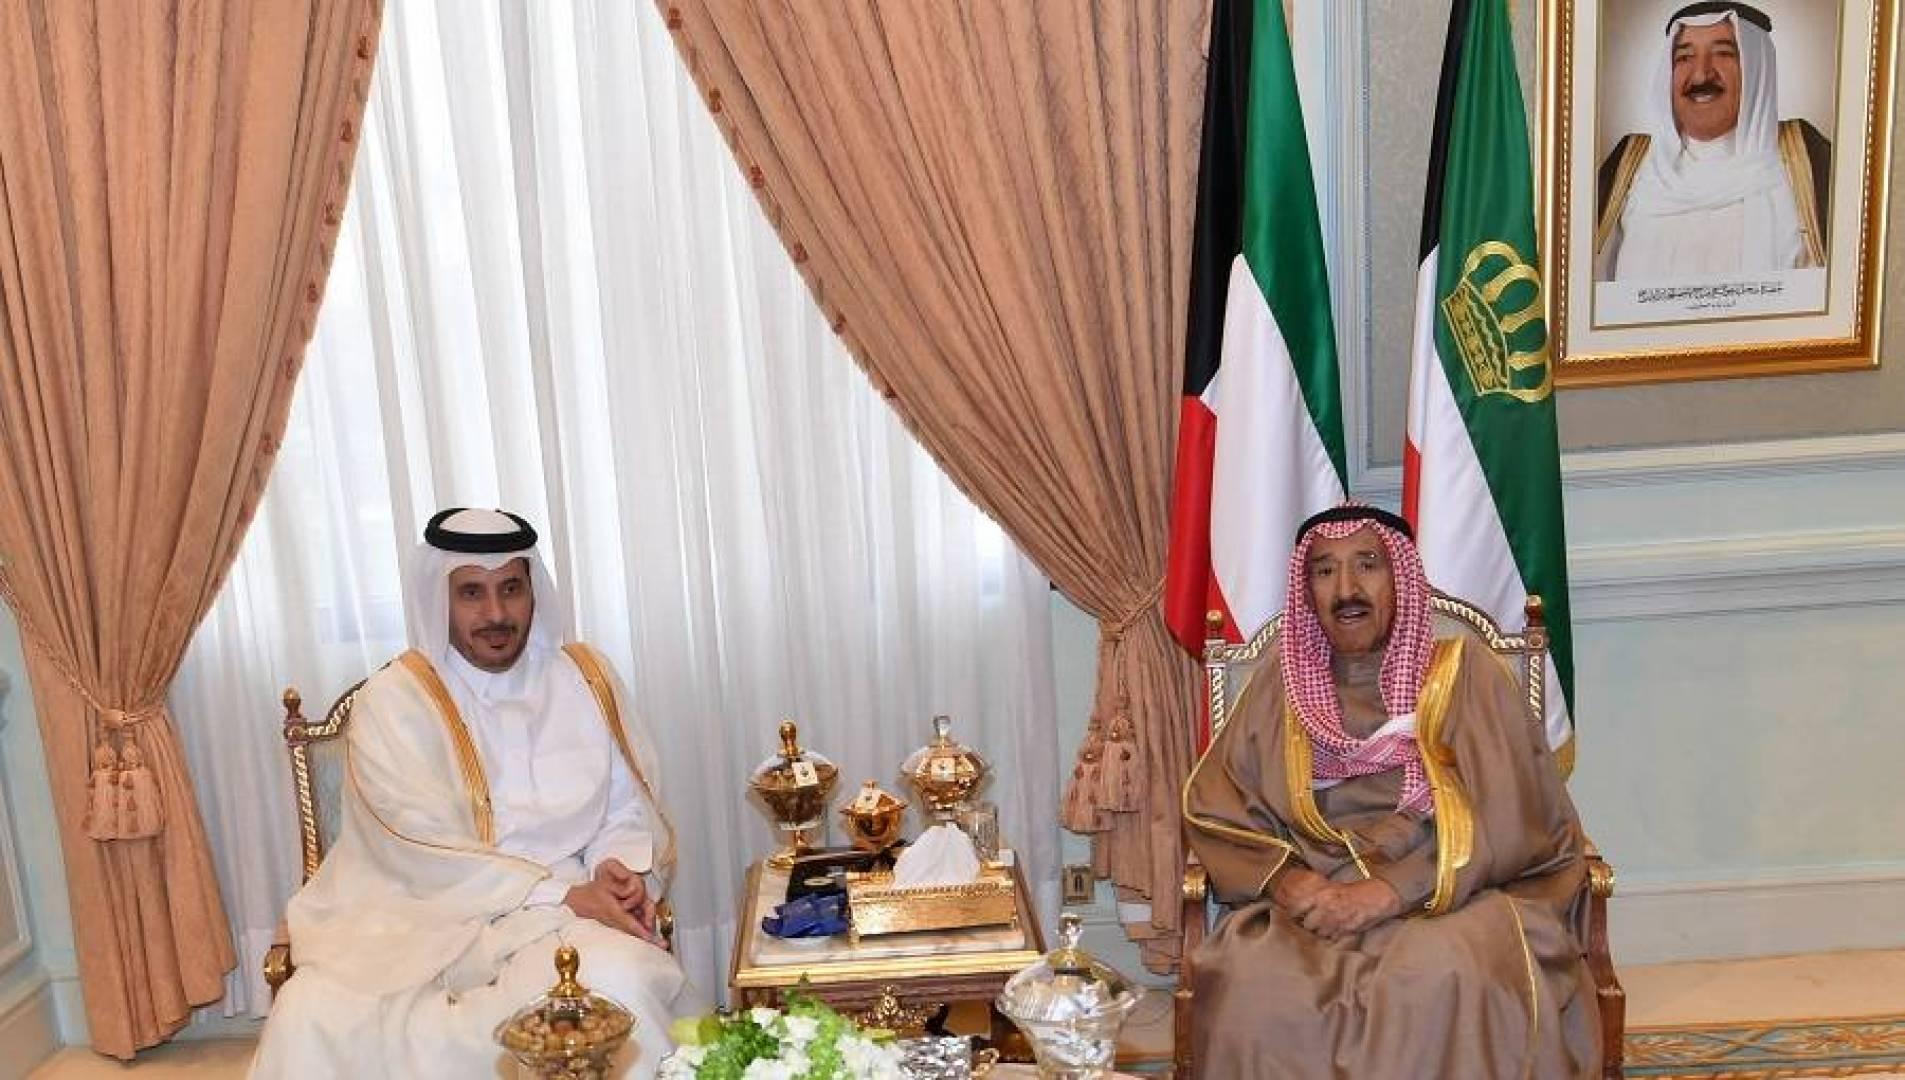 سمو الأمير يستقبل رئيس مجلس الوزراء القطري